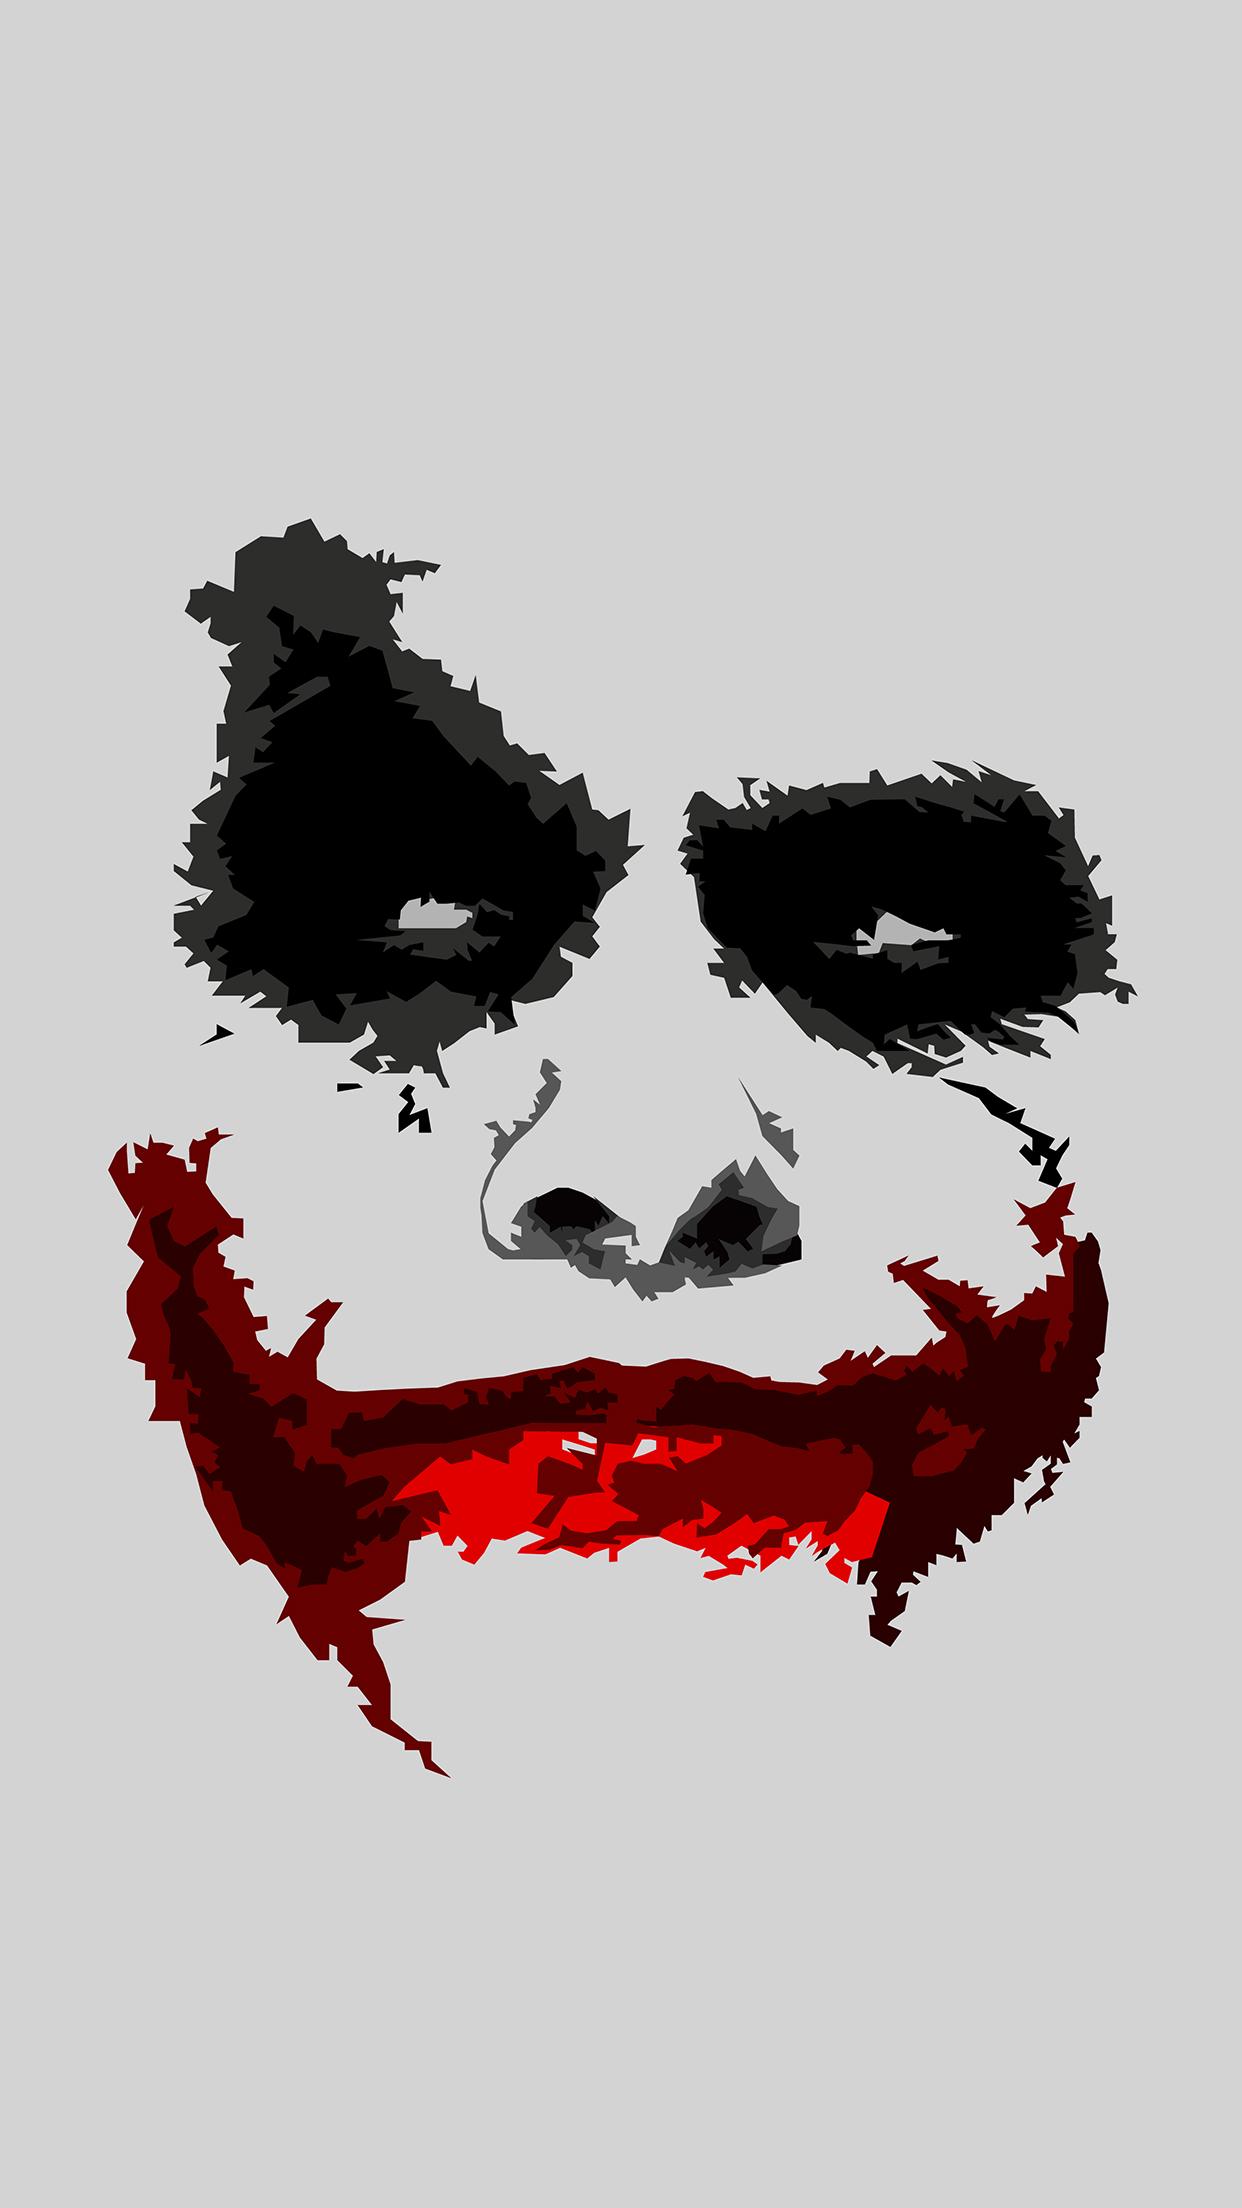 Joker iPhone 6 Wallpaper - WallpaperSafari